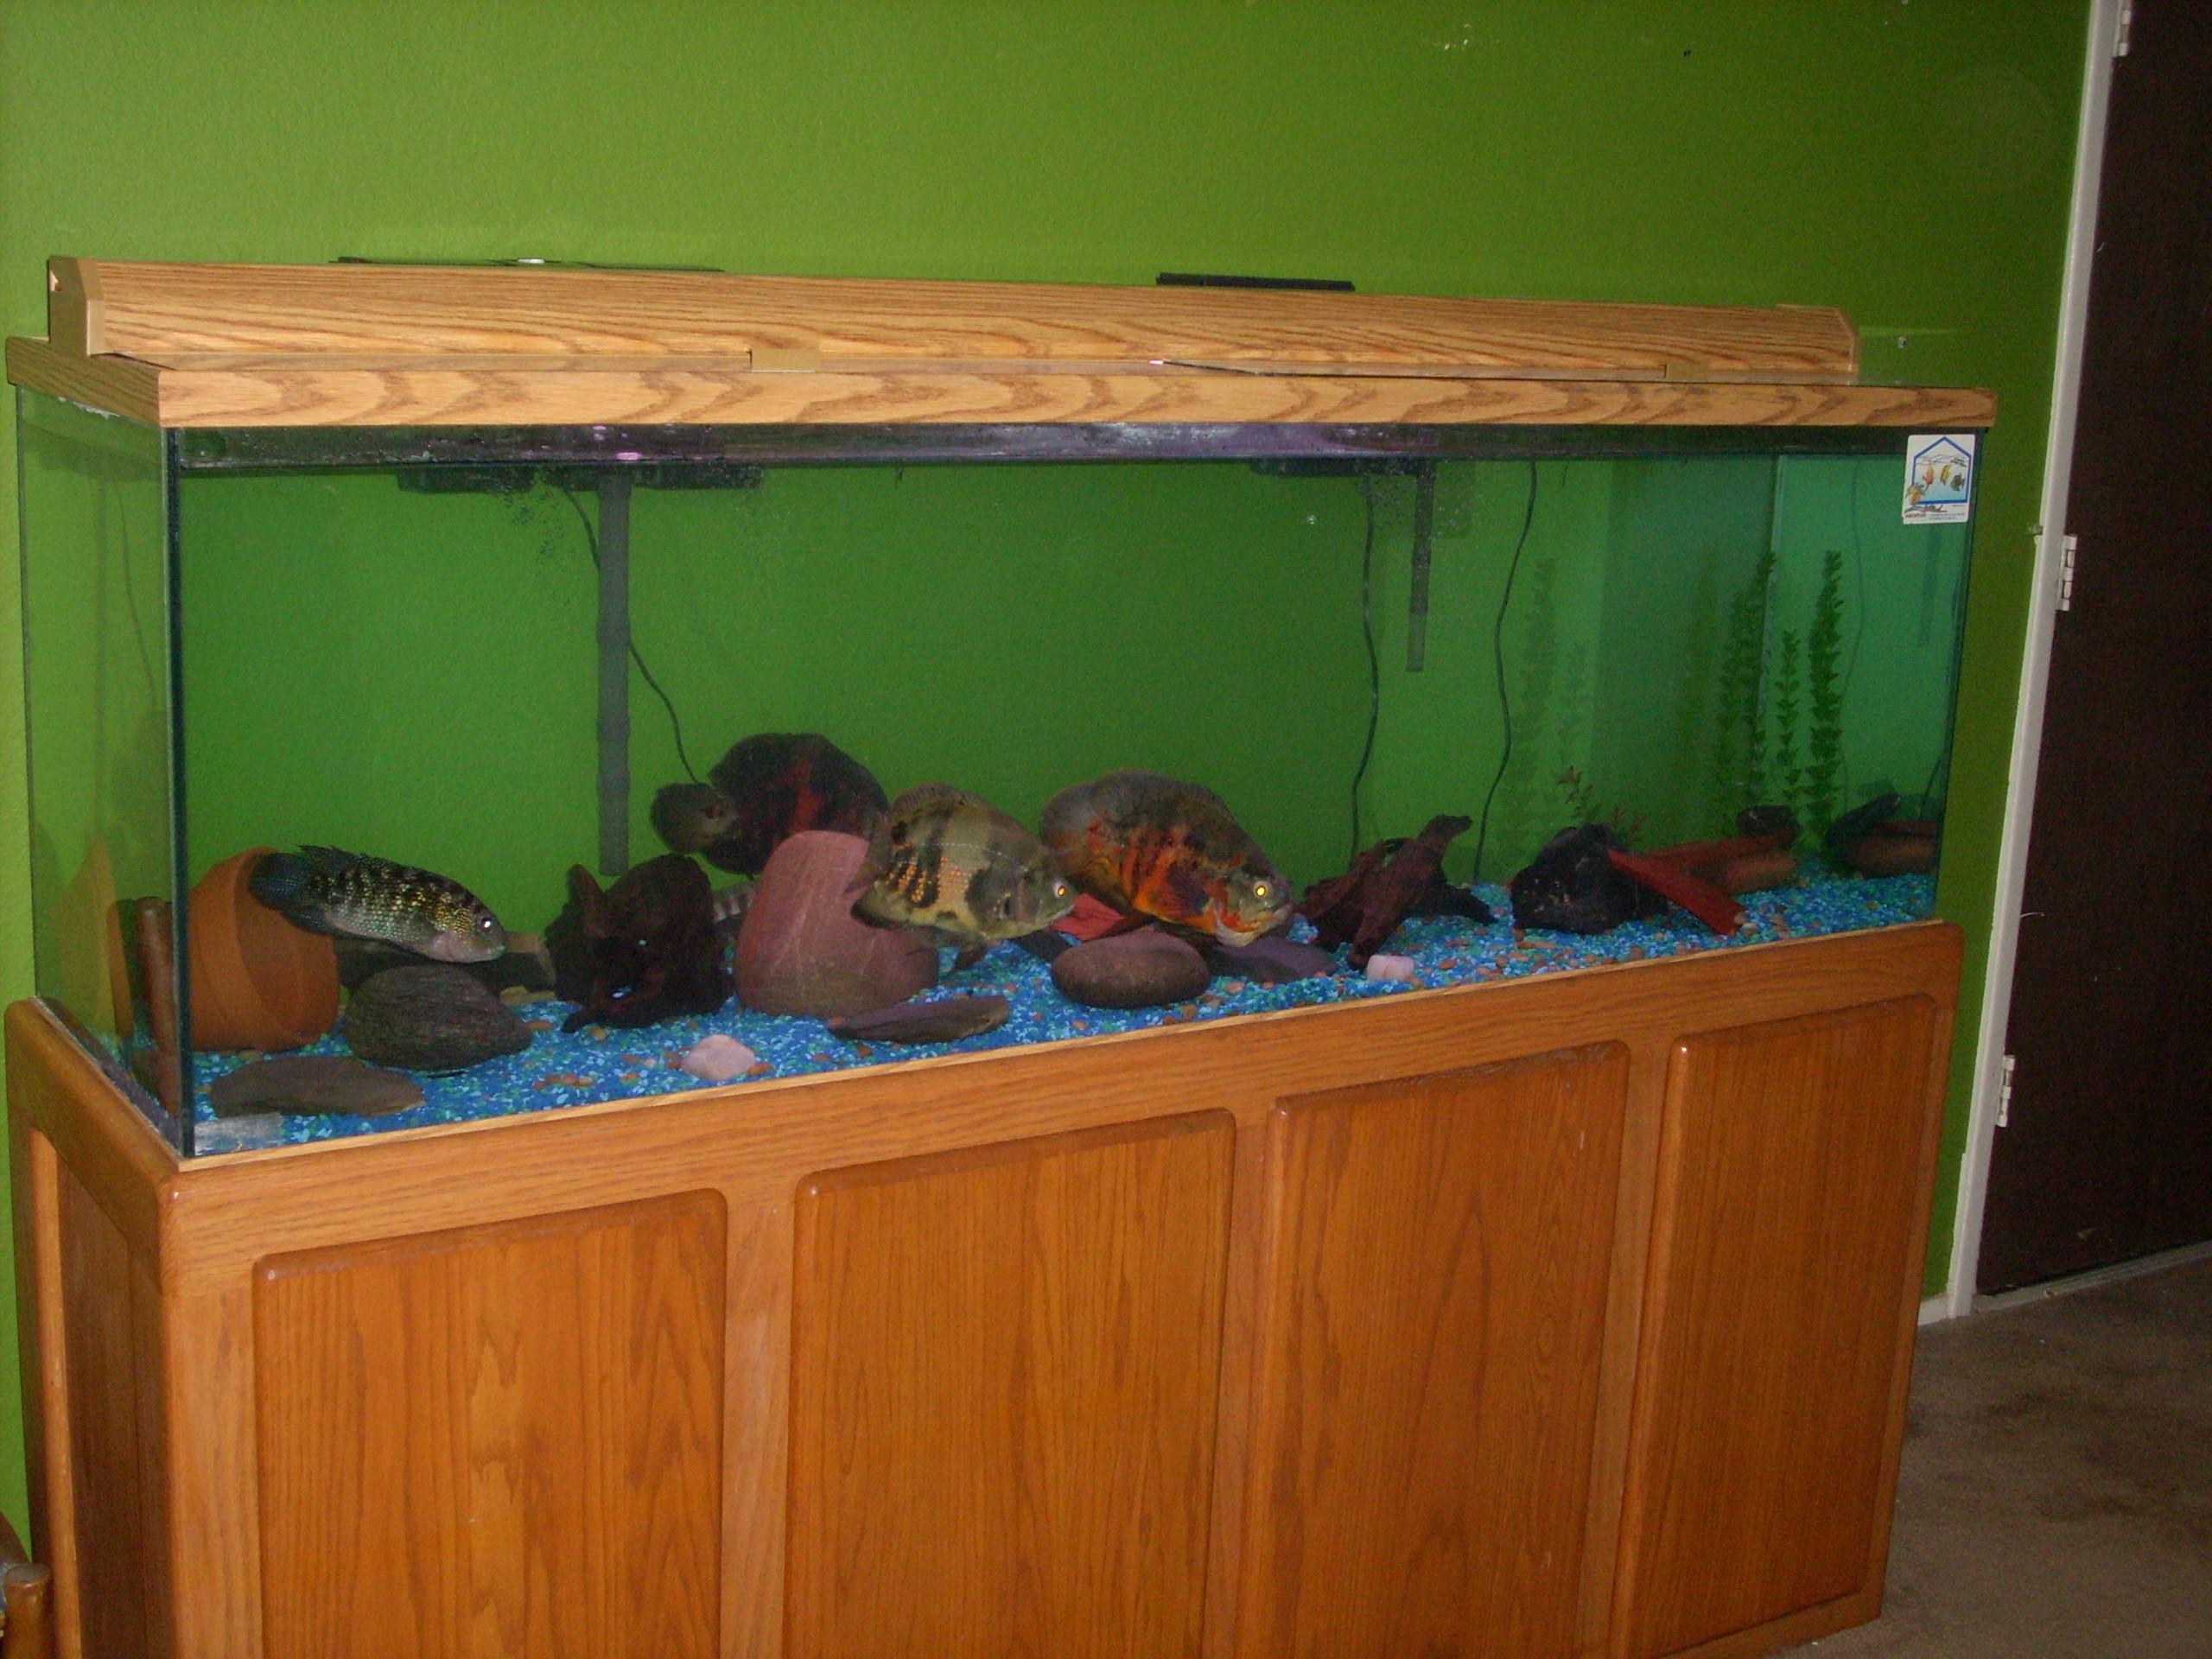 Tank examples 125 gallon oscar tank for 125 gallon fish tank